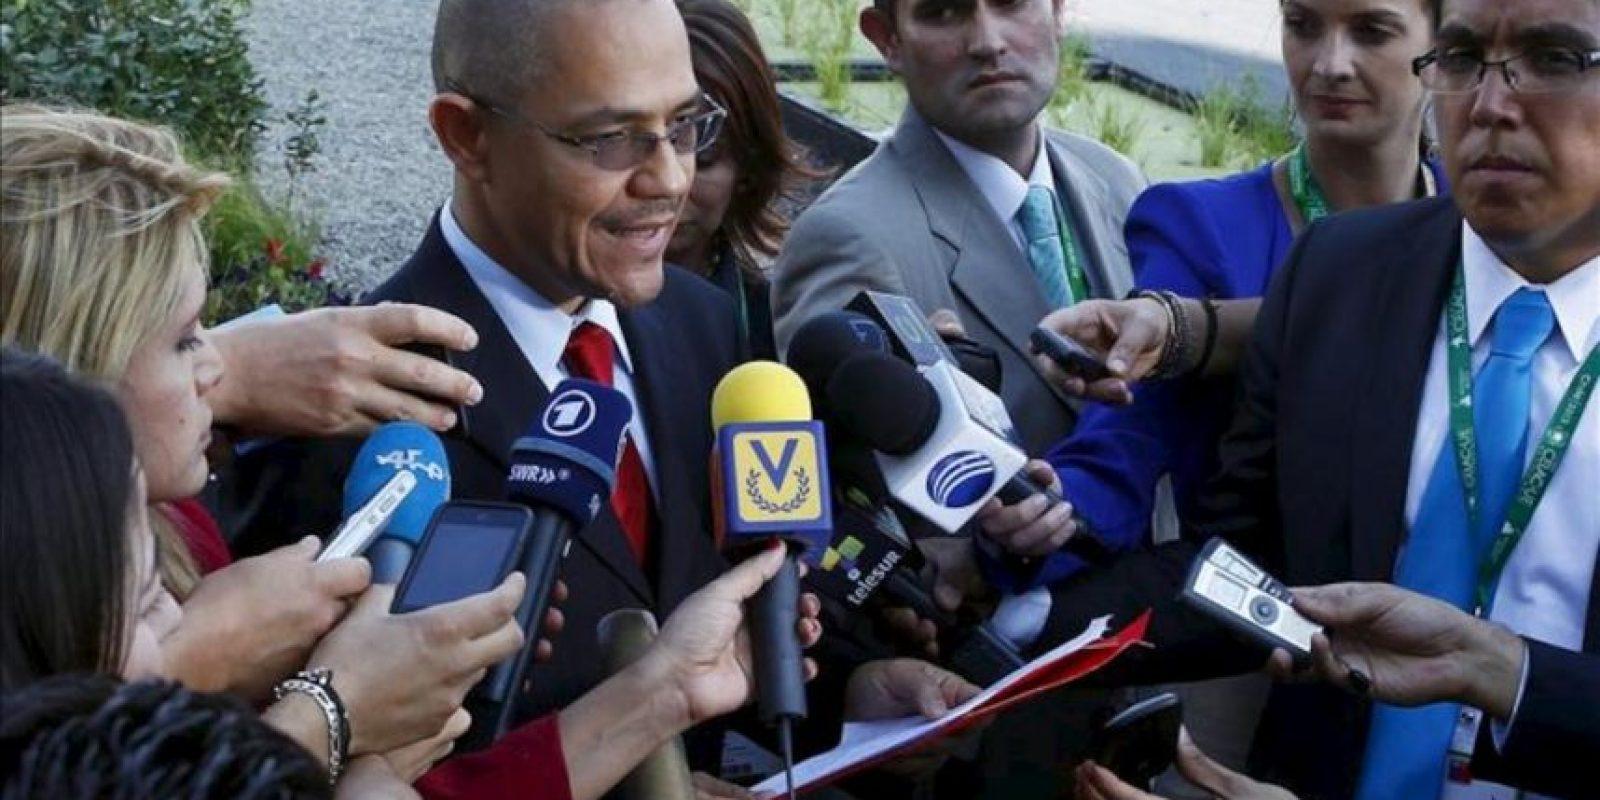 El ministro de Comunicaciones de Venezuela, Ernesto Villegas, lee un comunicado sobre el estado de salud del presidente venezolano, Hugo Chávez, en Santiago de Chile. EFE